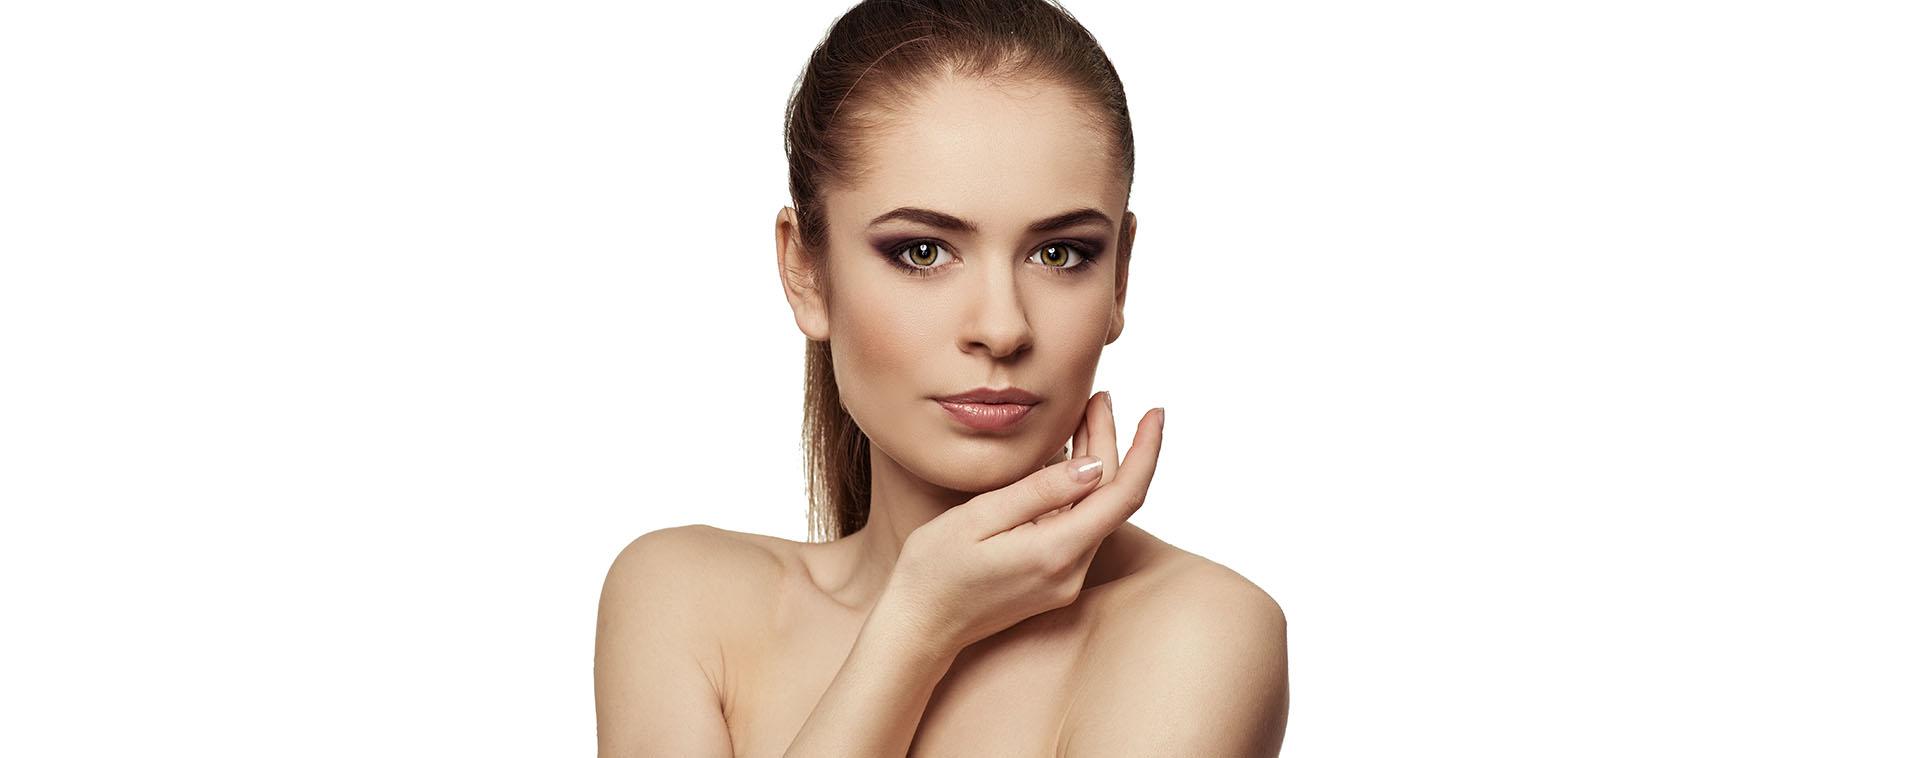 SkinCare Studio Health&Beauty - studio urody, kosmetyczka, zabiegi odmładzające, Dr Irena Eris, Bielsko-Biała, Dr Irena Eris Prosystem Professional, bielsko